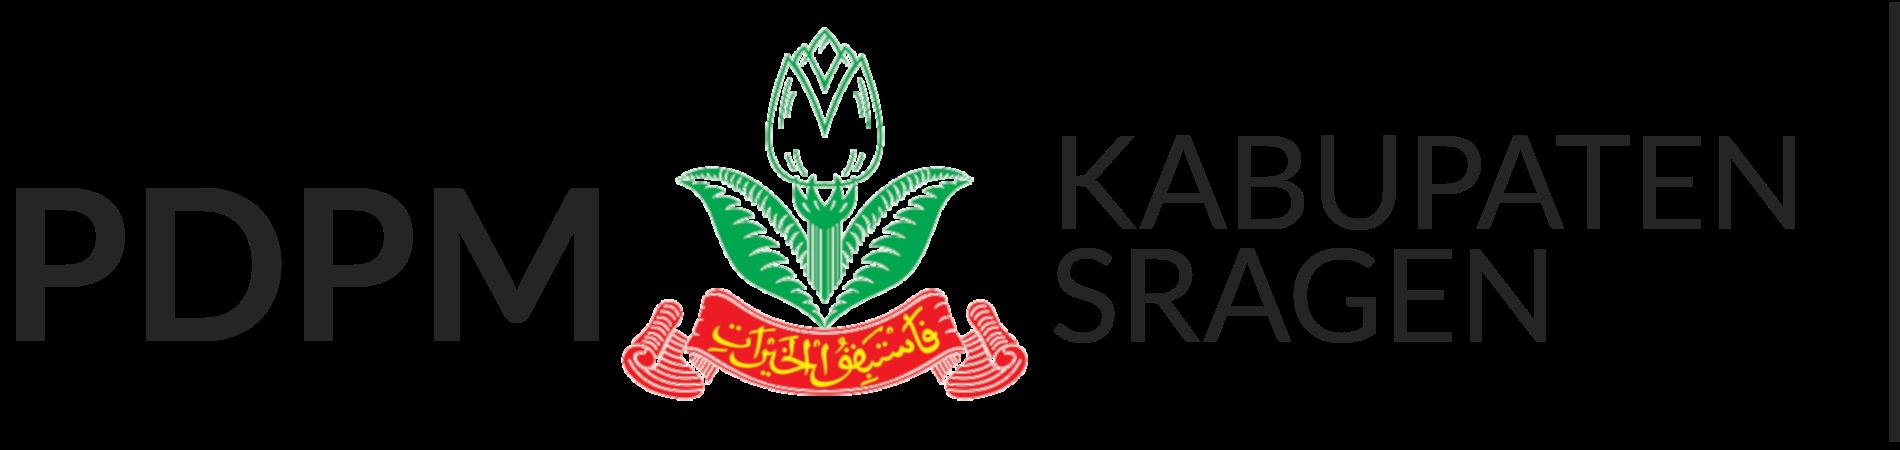 Pengurus Pdpm Kabupaten Sragen 2019 2023 Pimpinan Daerah Pemuda Muhammadiyah Sragen